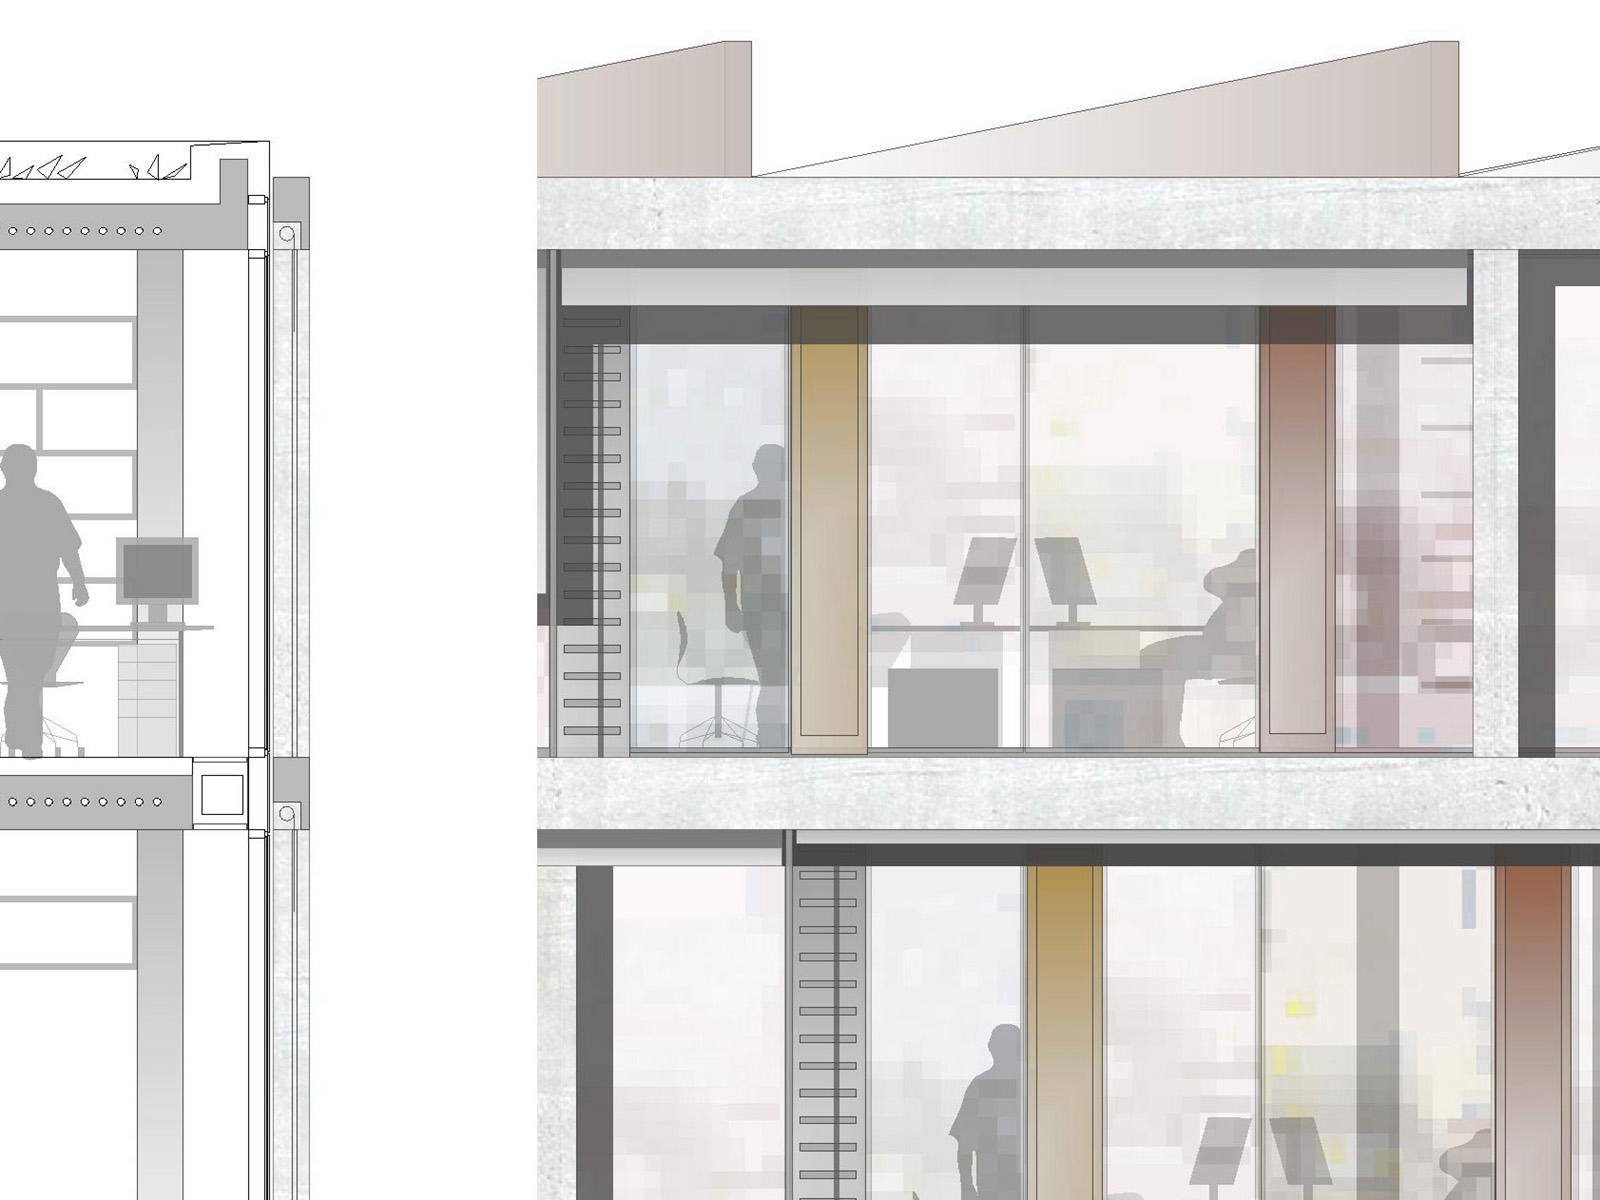 Detail Wettbewerb Steuerverwaltung in Muenchen-Wettbewerb-2.Preis-2008 Friedrich Poerschke Zwink Architekten